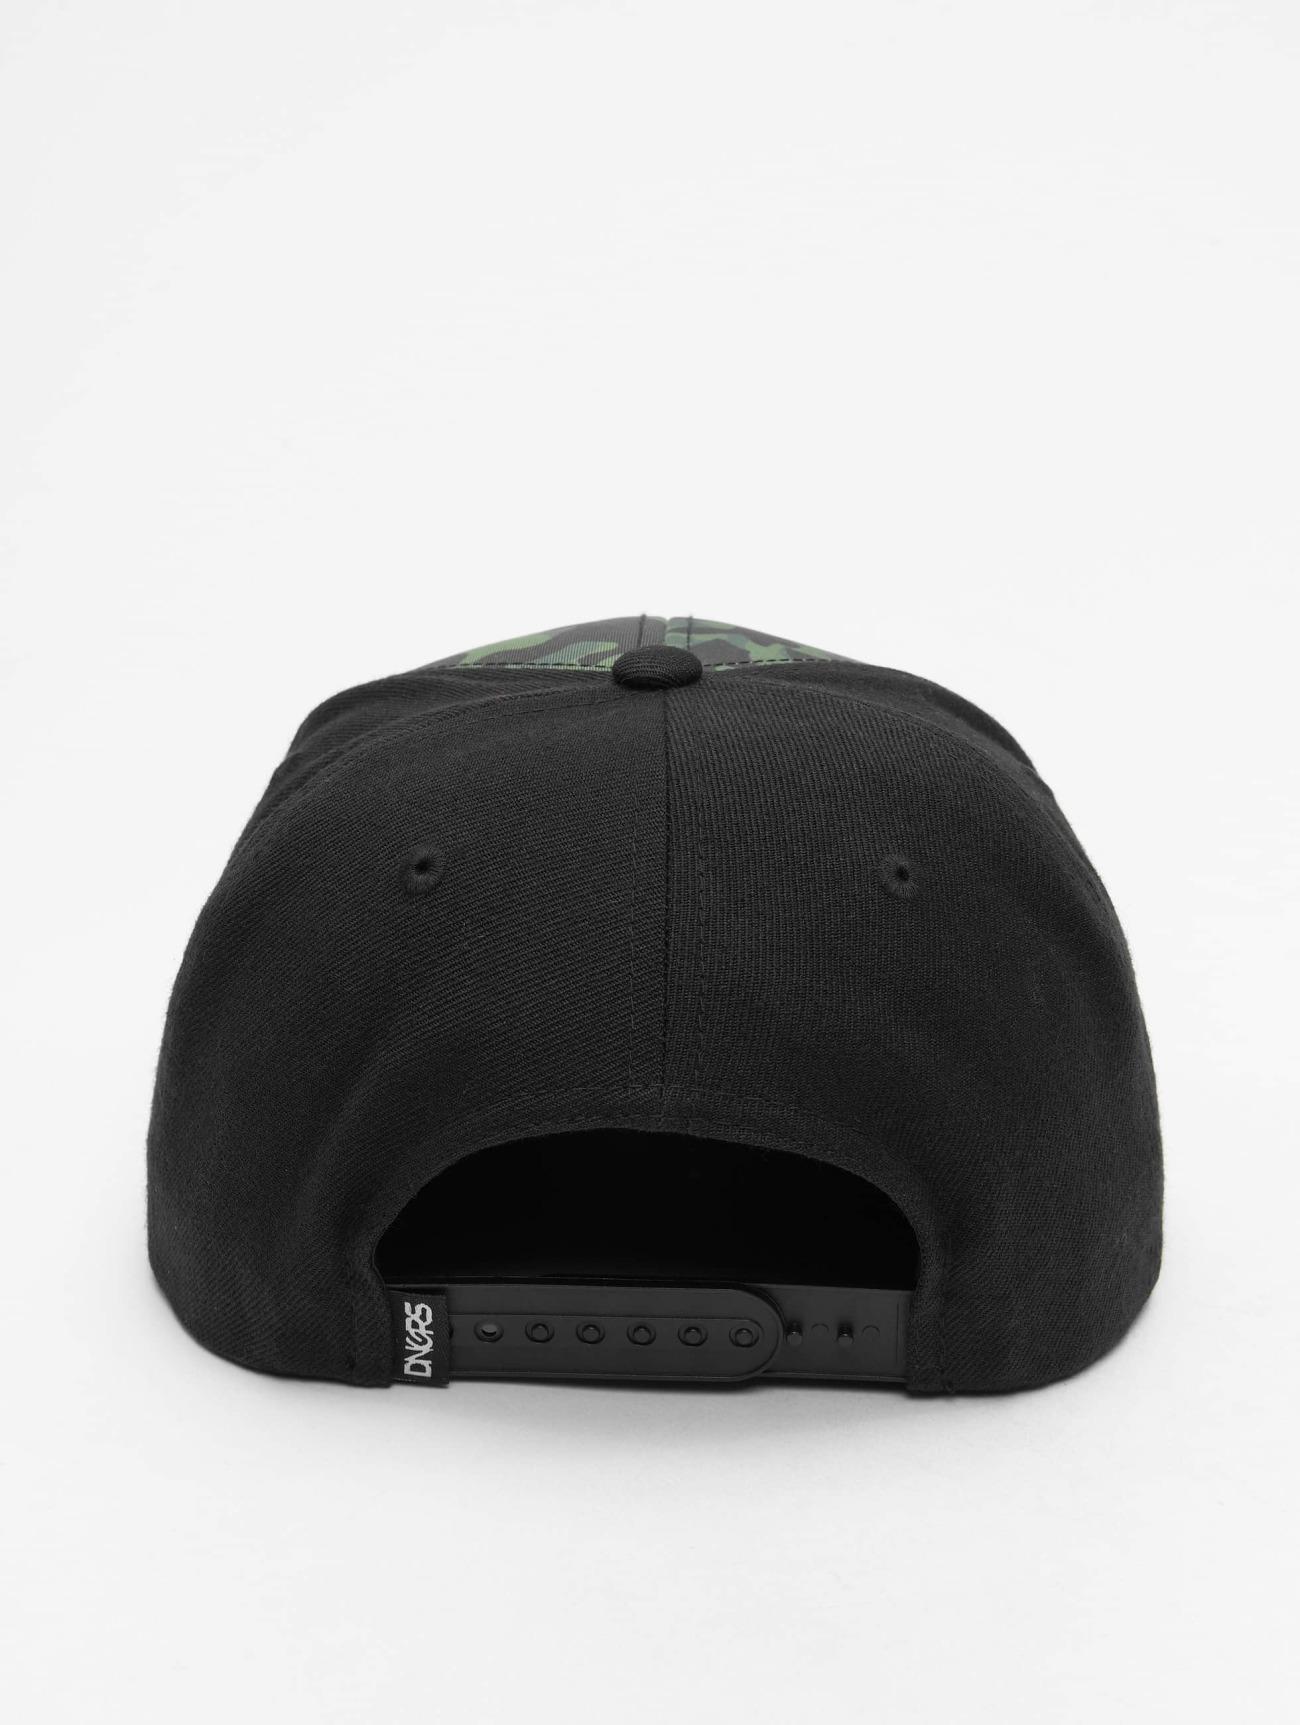 Dangerous DNGRS  Camo  noir  Casquette Snapback & Strapback  330762 Homme Casquettes